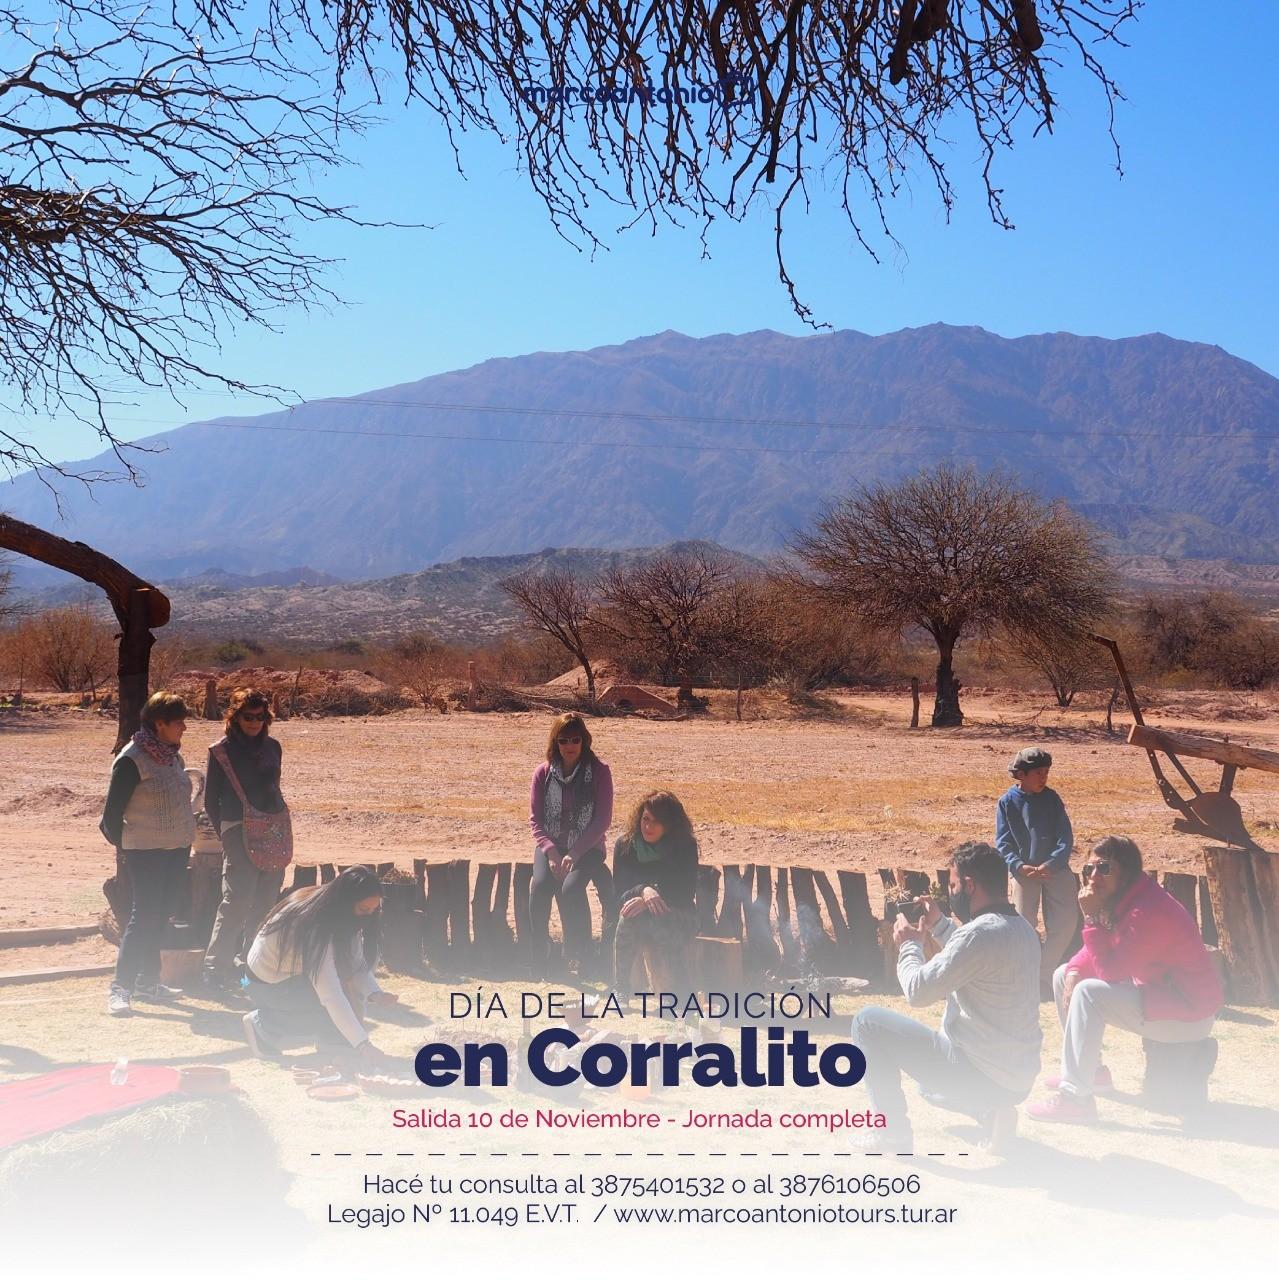 dia-de-la-tradicion-en-corralito-10-de-noviembre